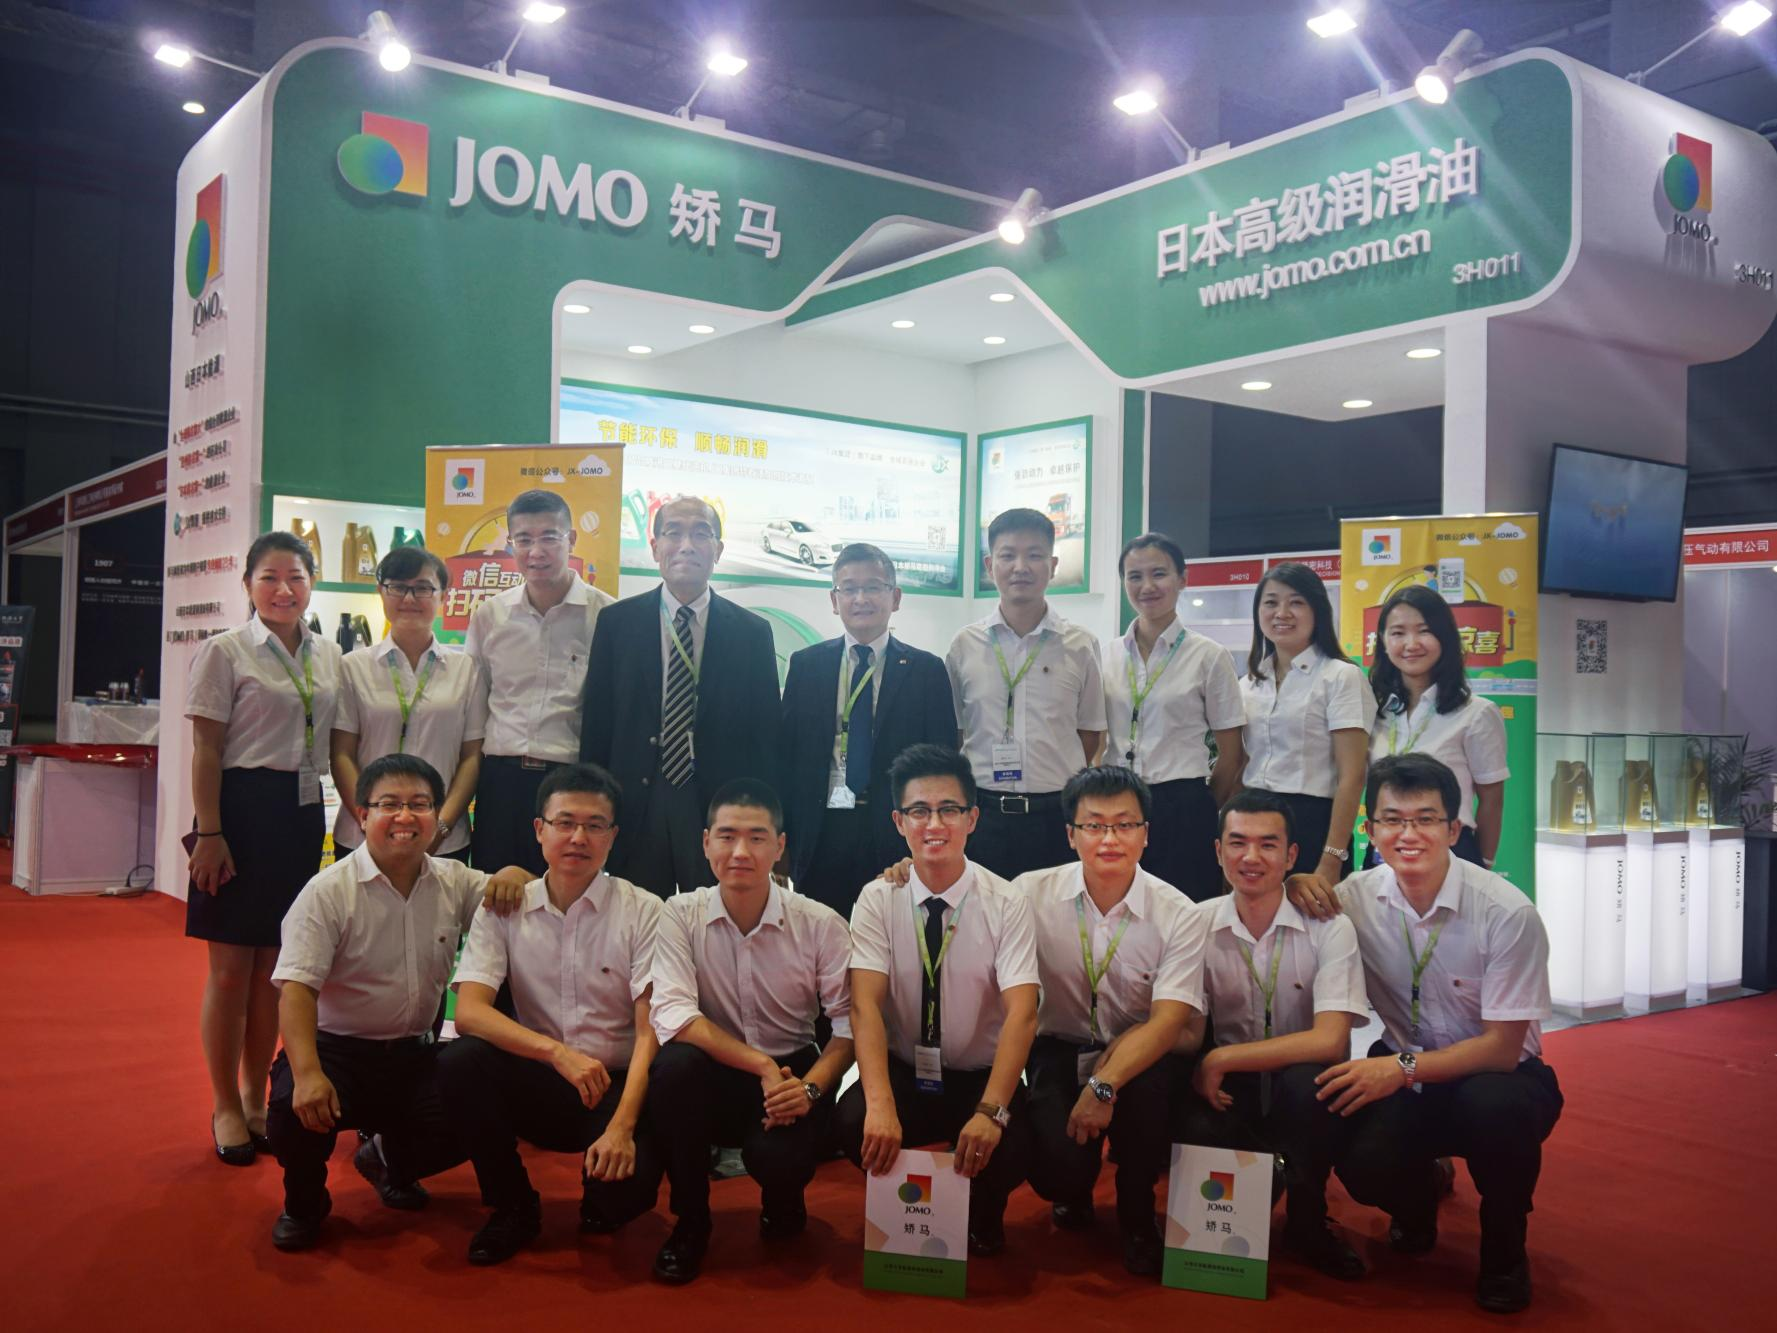 2016中国国际汽车商品交易会(上海)